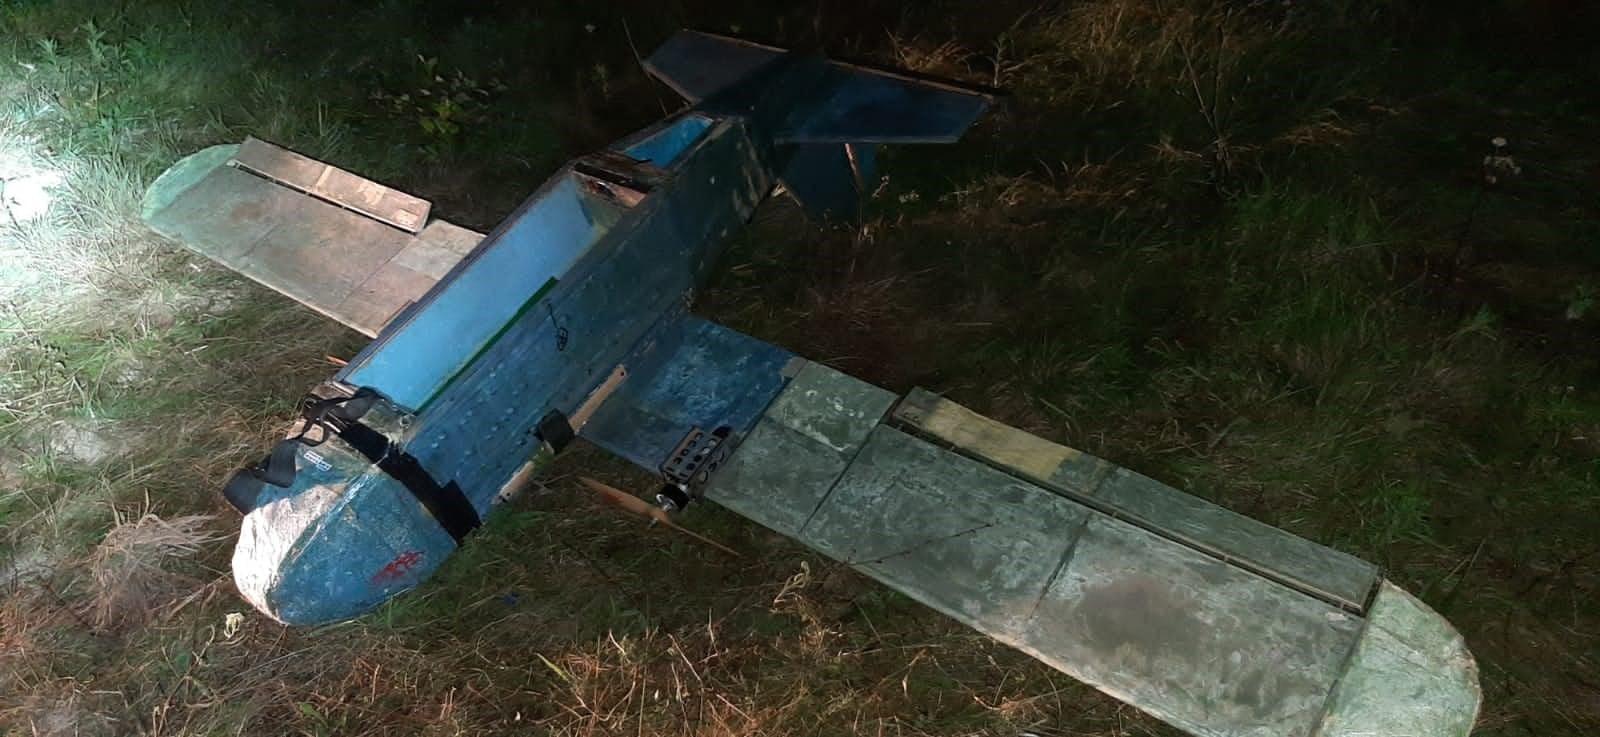 Контрабандисти використовували безпілотний літальний апарат